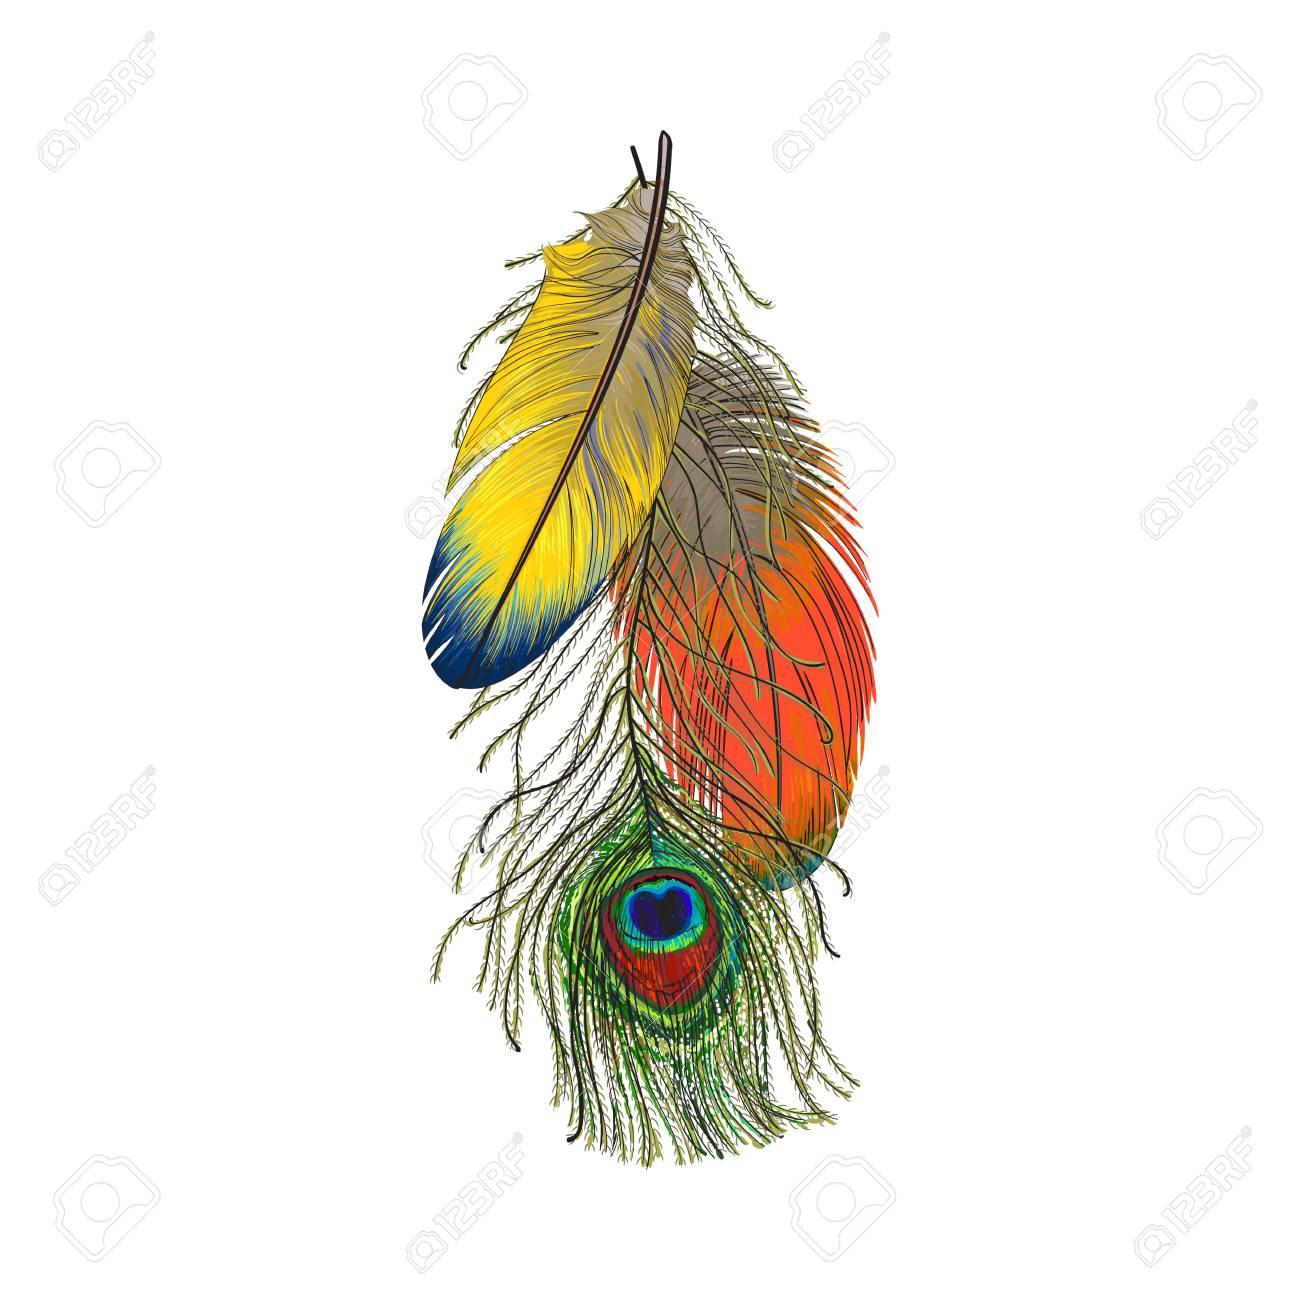 Mao Desenhado Conjunto De Penas De Passaro Colorido Papagaios E